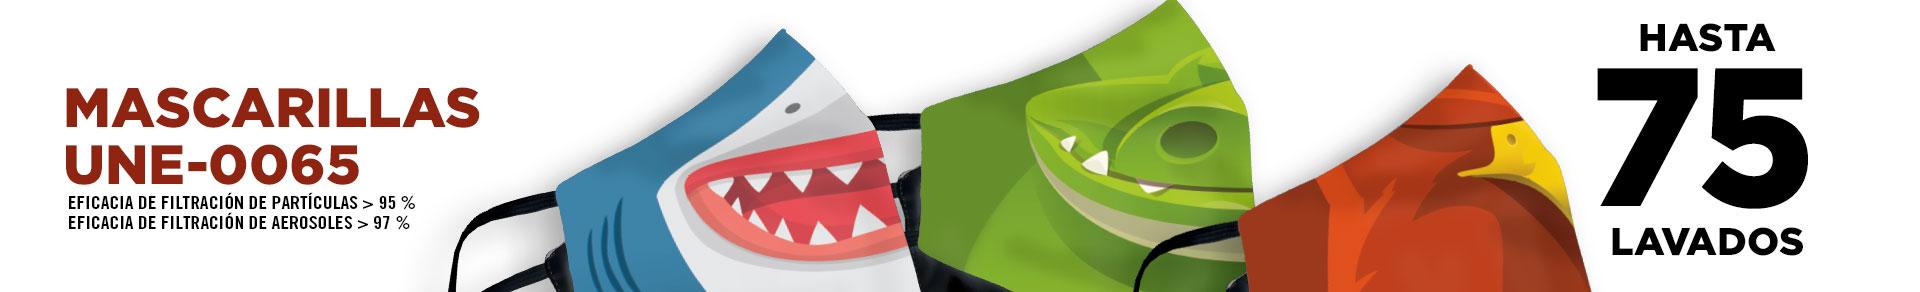 Ya tenemos los nuevos diseños de mascarillas certificadas para niños en nuestra tienda online